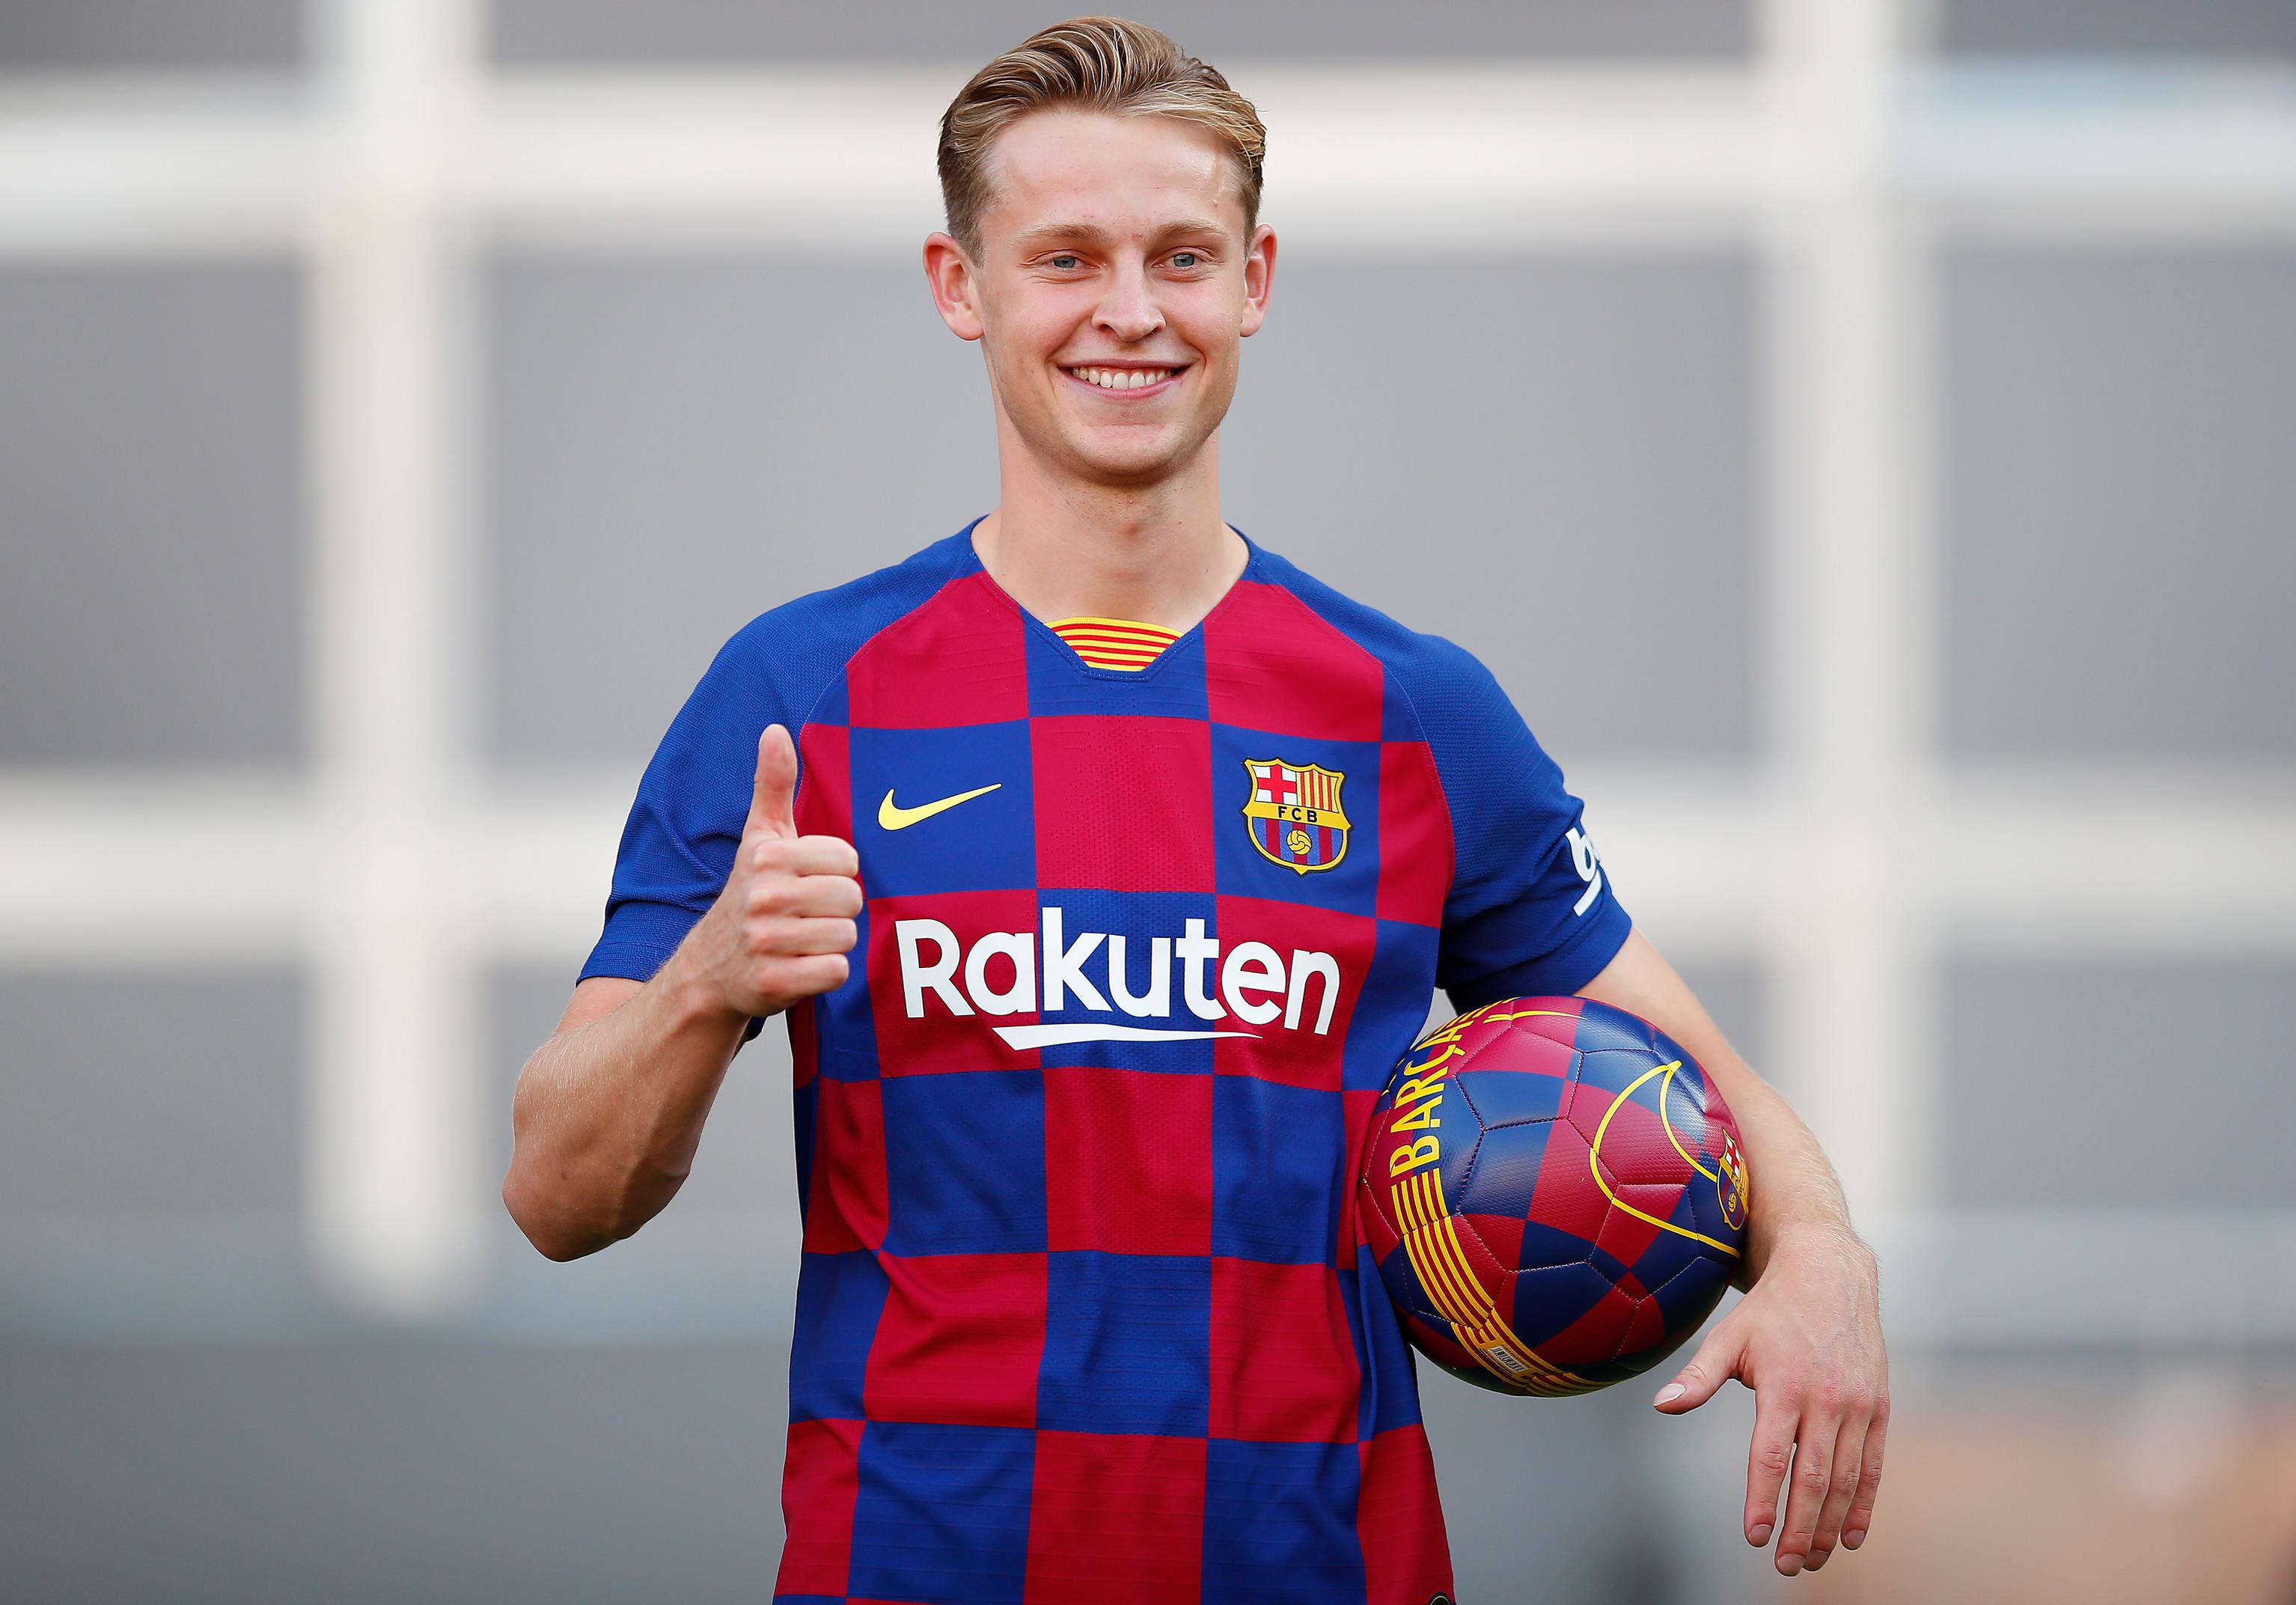 4) Barcellona: -720,5 milioni di euro